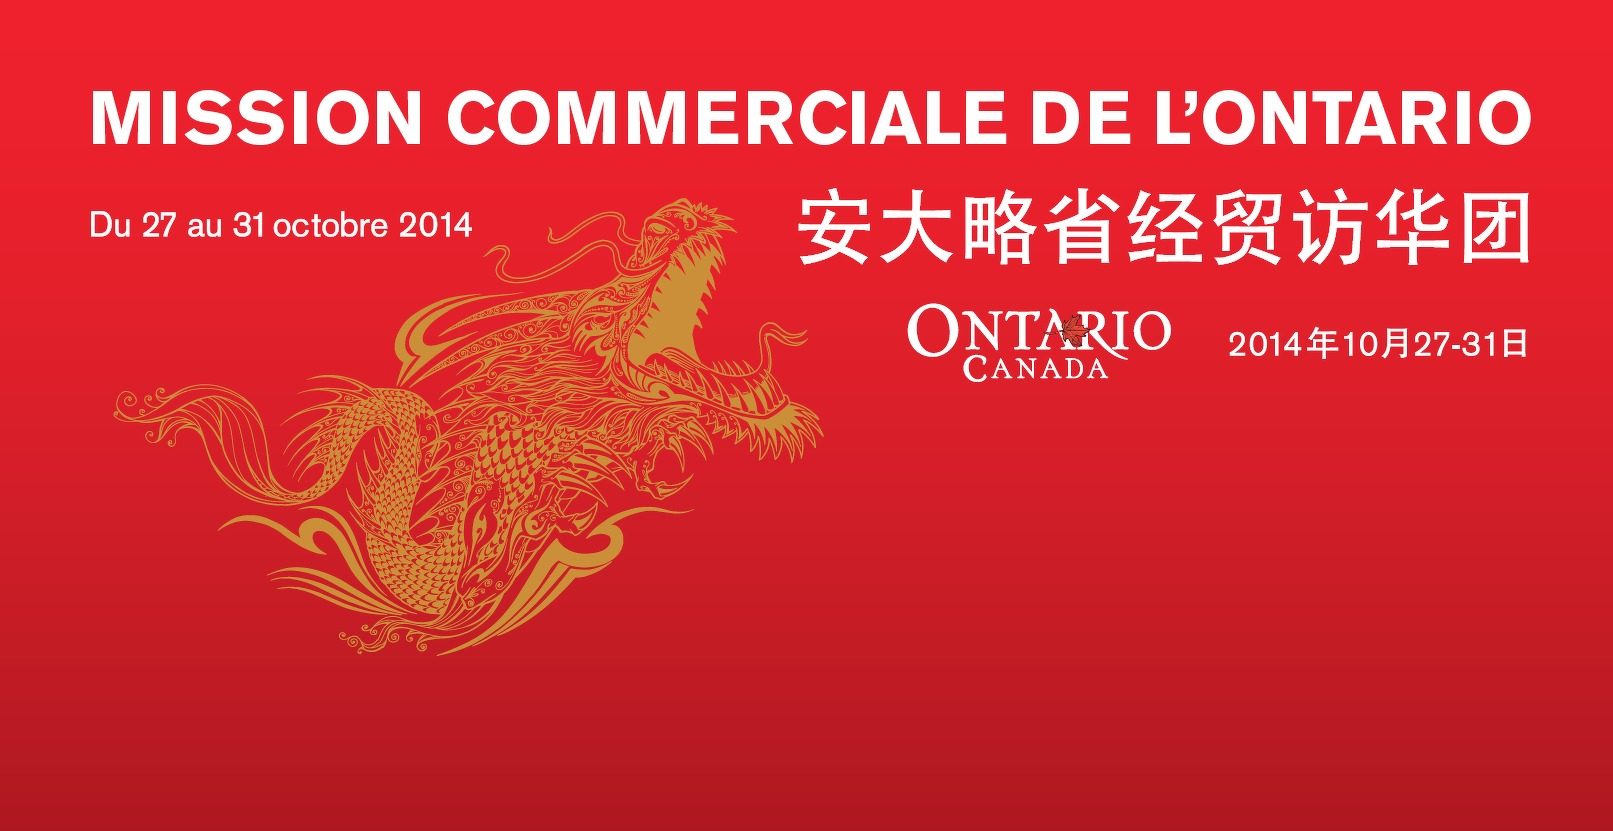 L'Ontario annonce une mission commerciale en Chine